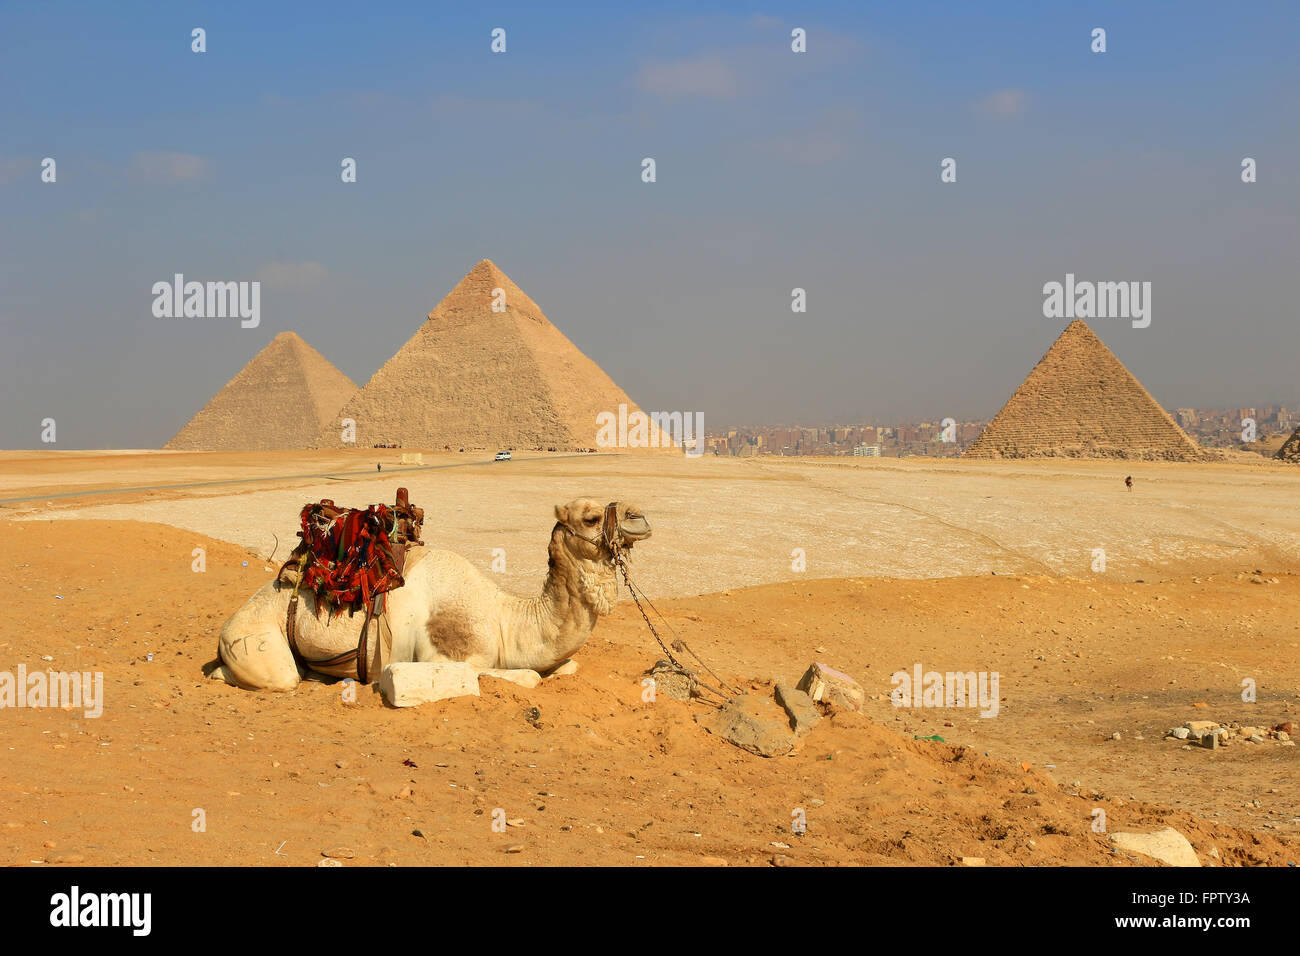 Détente à chameau les pyramides de Gizeh, des structures de l'ancienne Egypte dans le sable doré Photo Stock